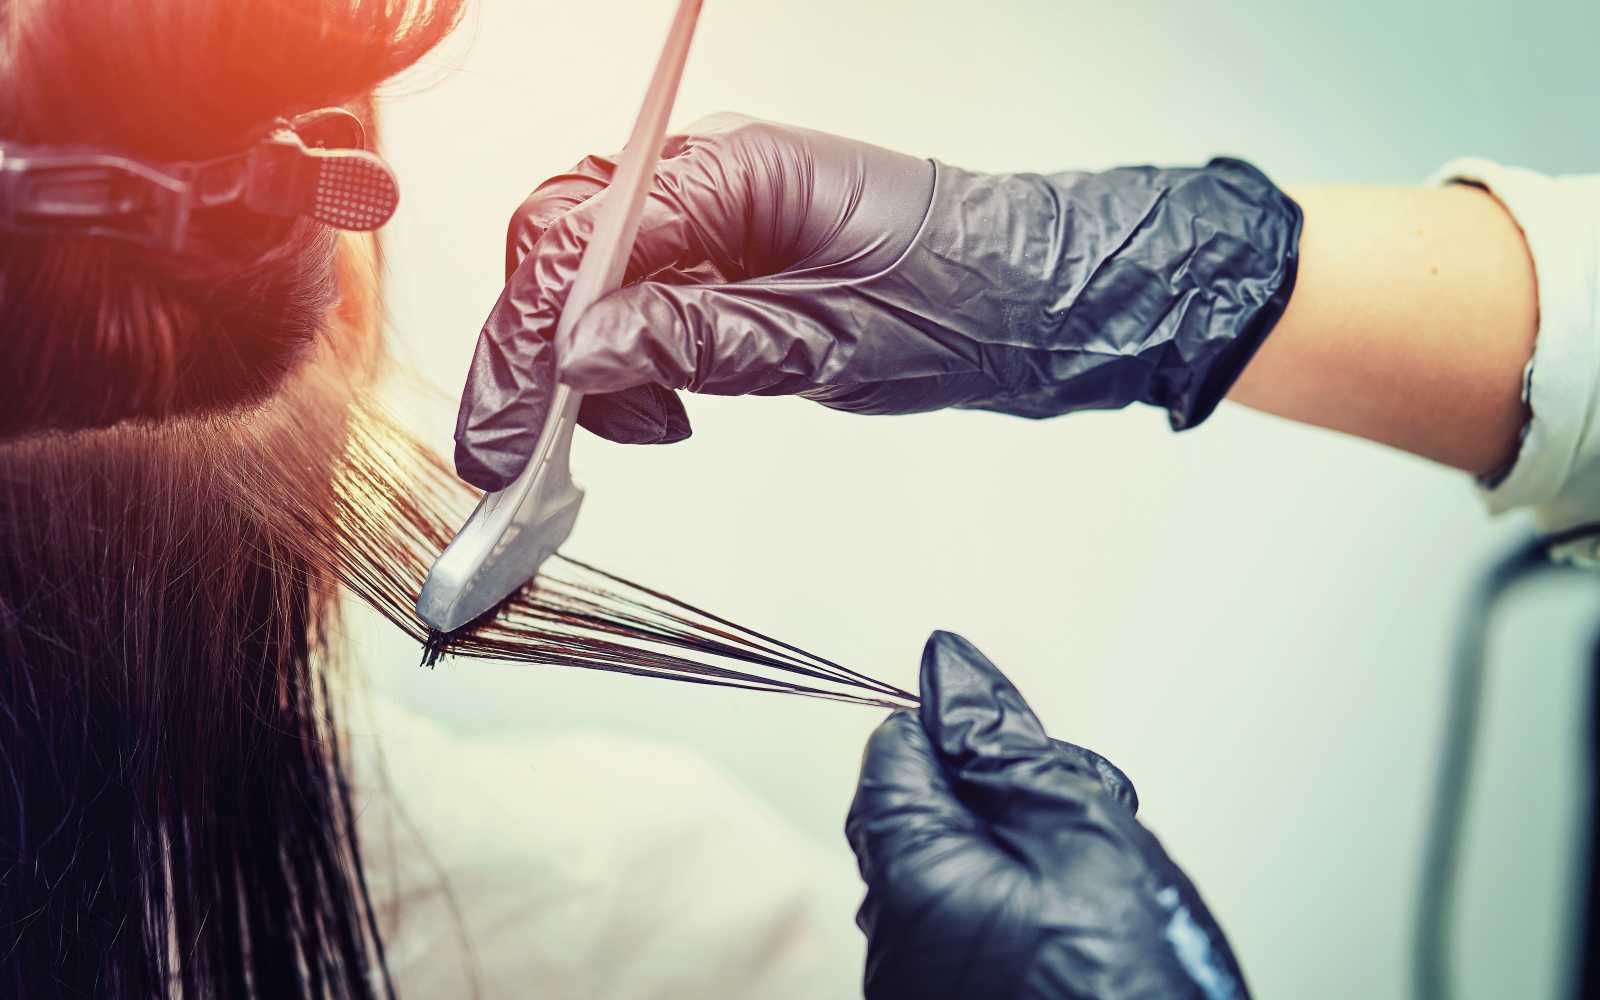 parrucchiere tinge i capelli a cliente